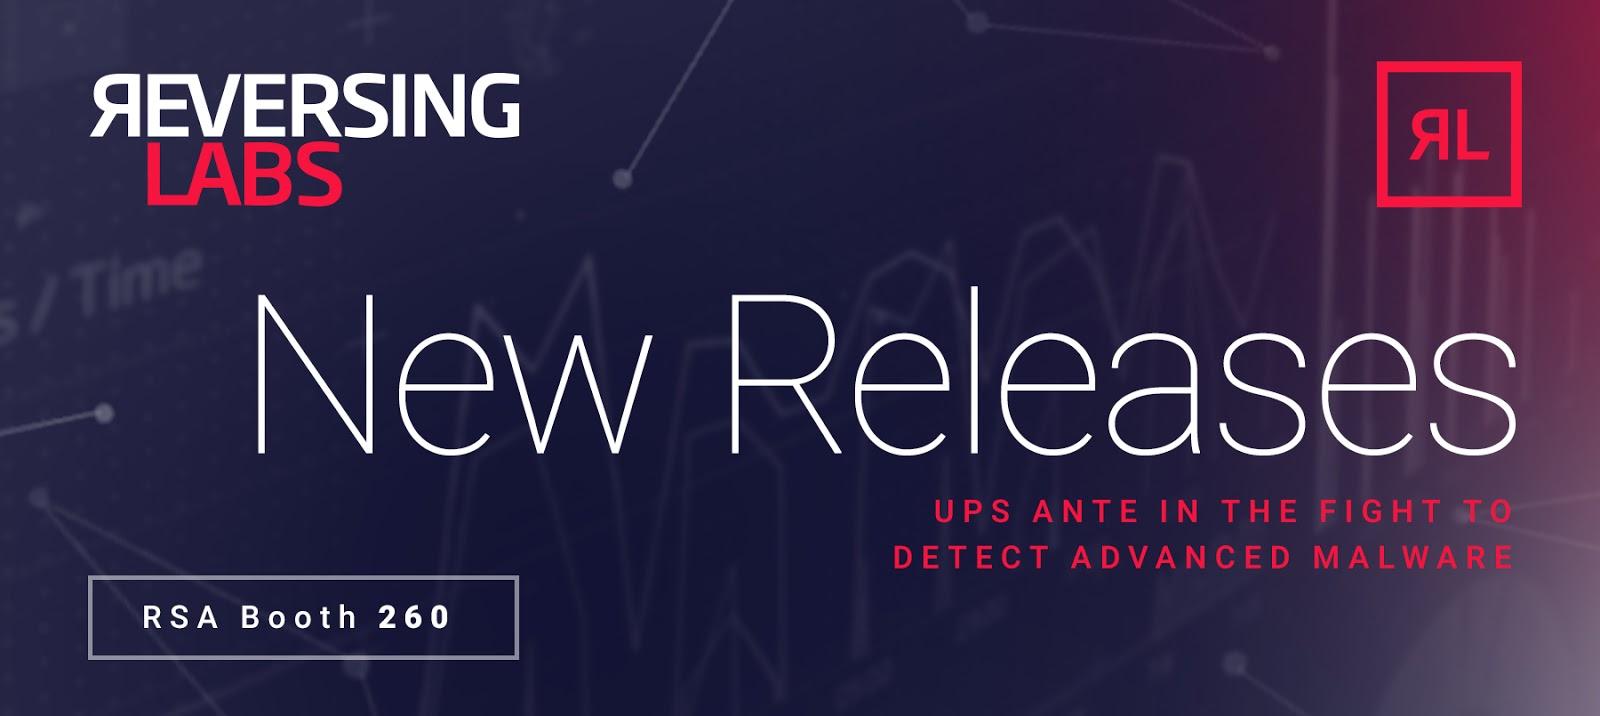 RSA-press-release-v2